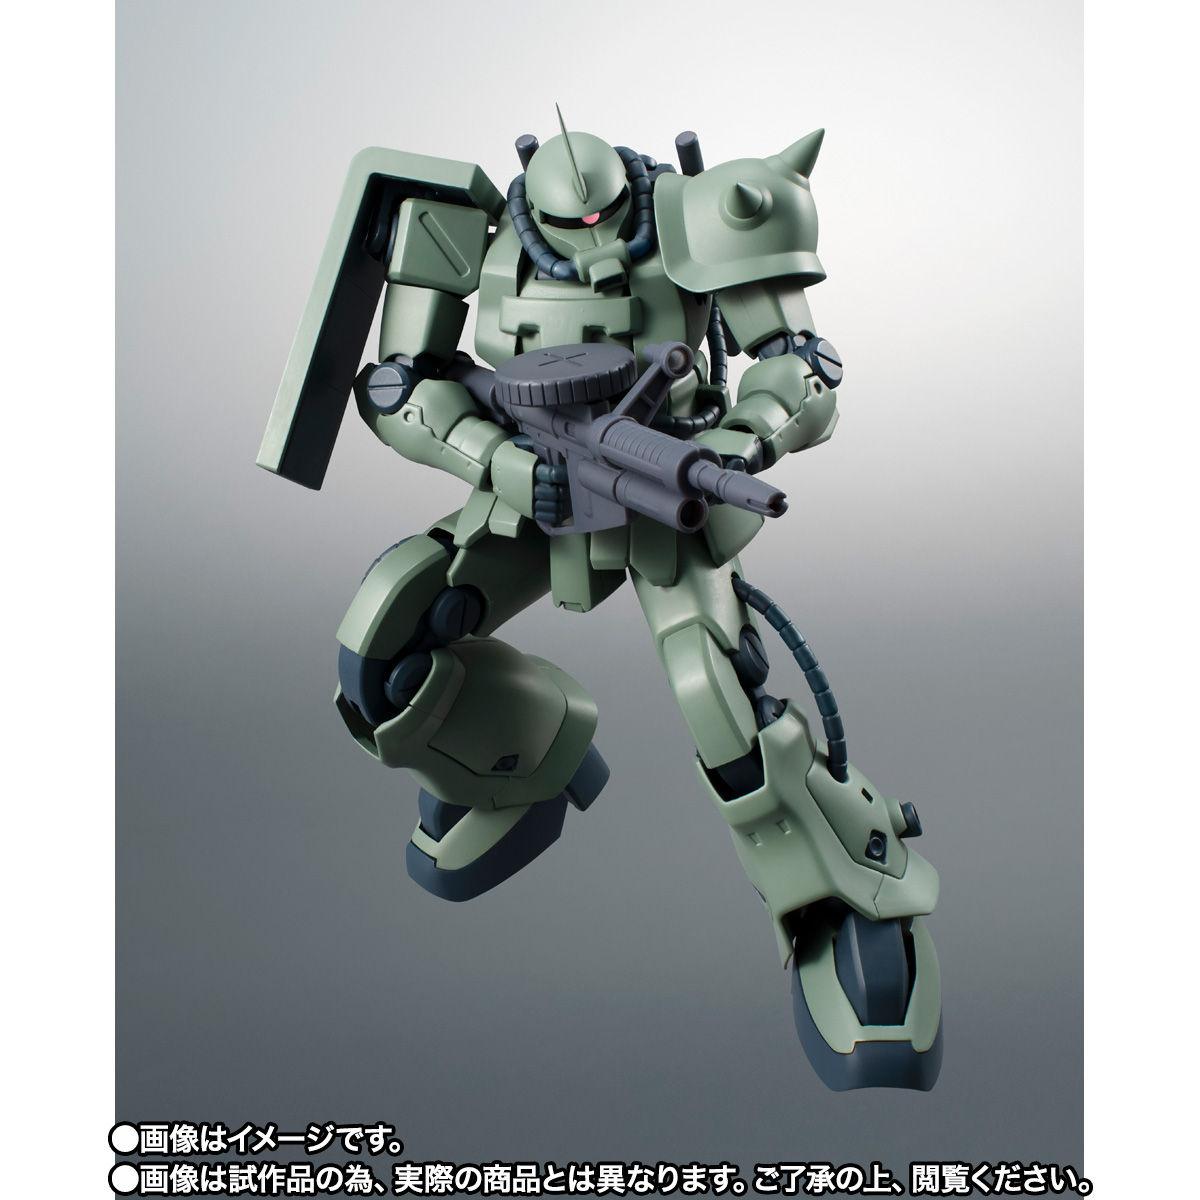 【限定販売】ROBOT魂〈SIDE MS〉『MS-06F-2 ザクII F2型(ノイエン・ビッター)ver. A.N.I.M.E.』ガンダム0083 可動フィギュア-005